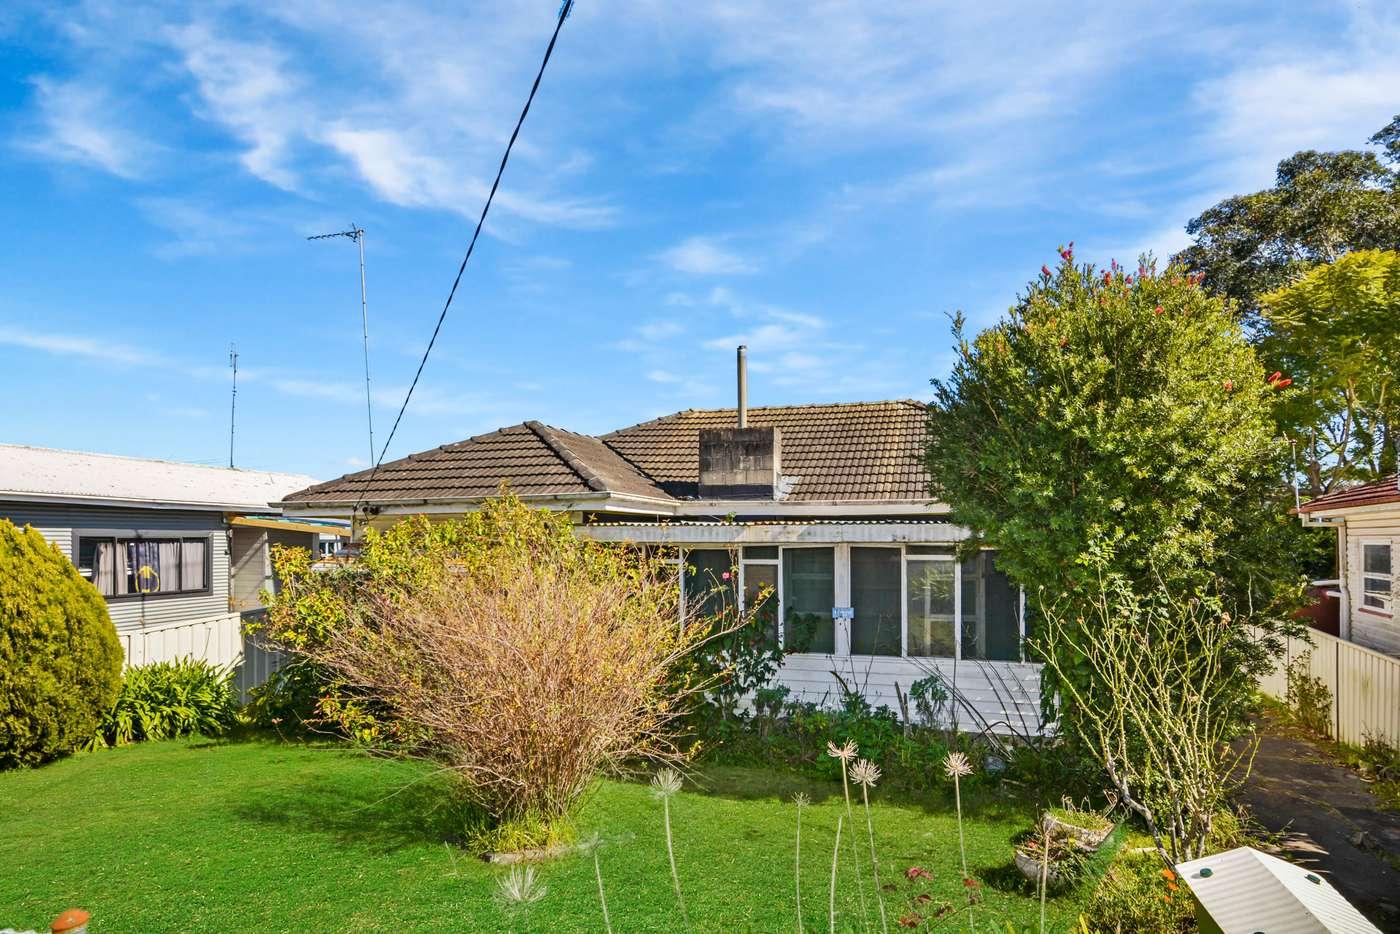 Main view of Homely house listing, 9 Narara Crescent, Narara, NSW 2250